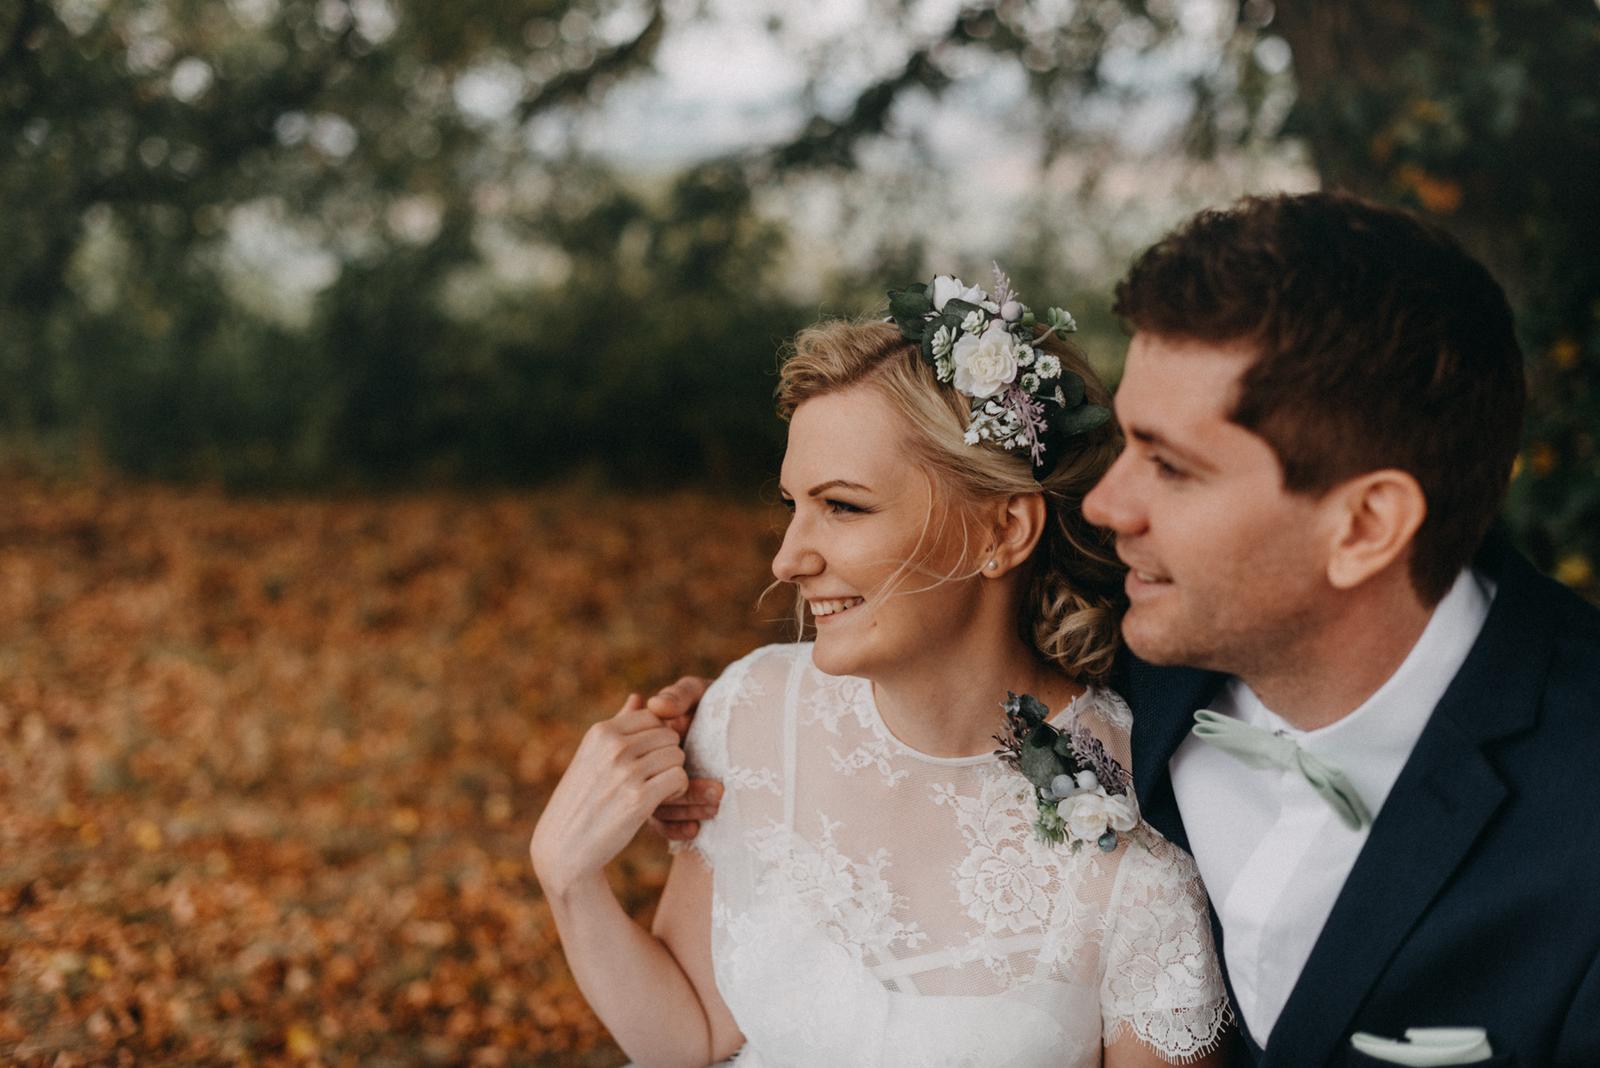 Malé svatby jsou skvělé,... - Obrázek č. 1